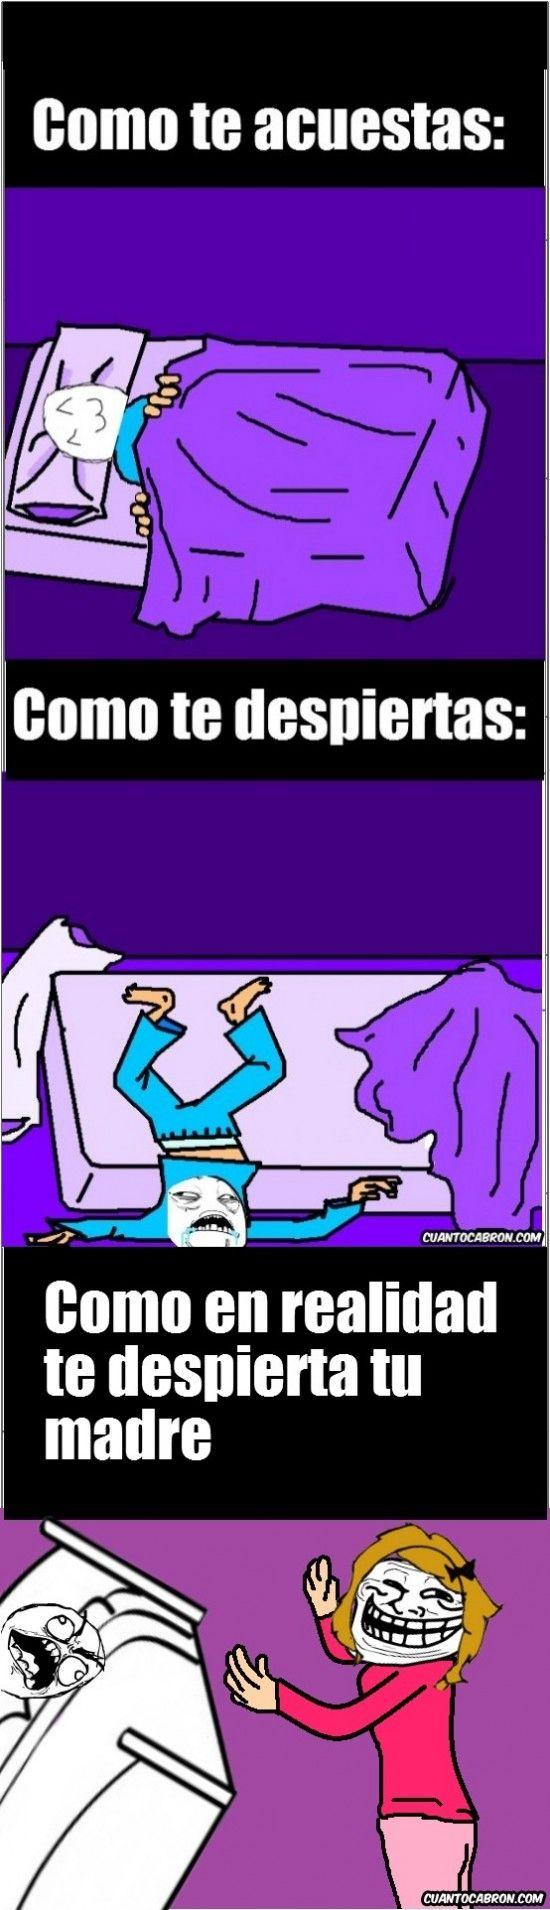 Que placer es dormir...        Gracias a http://www.cuantocabron.com/   Si quieres leer la noticia completa visita: http://www.estoy-aburrido.com/que-placer-es-dormir/